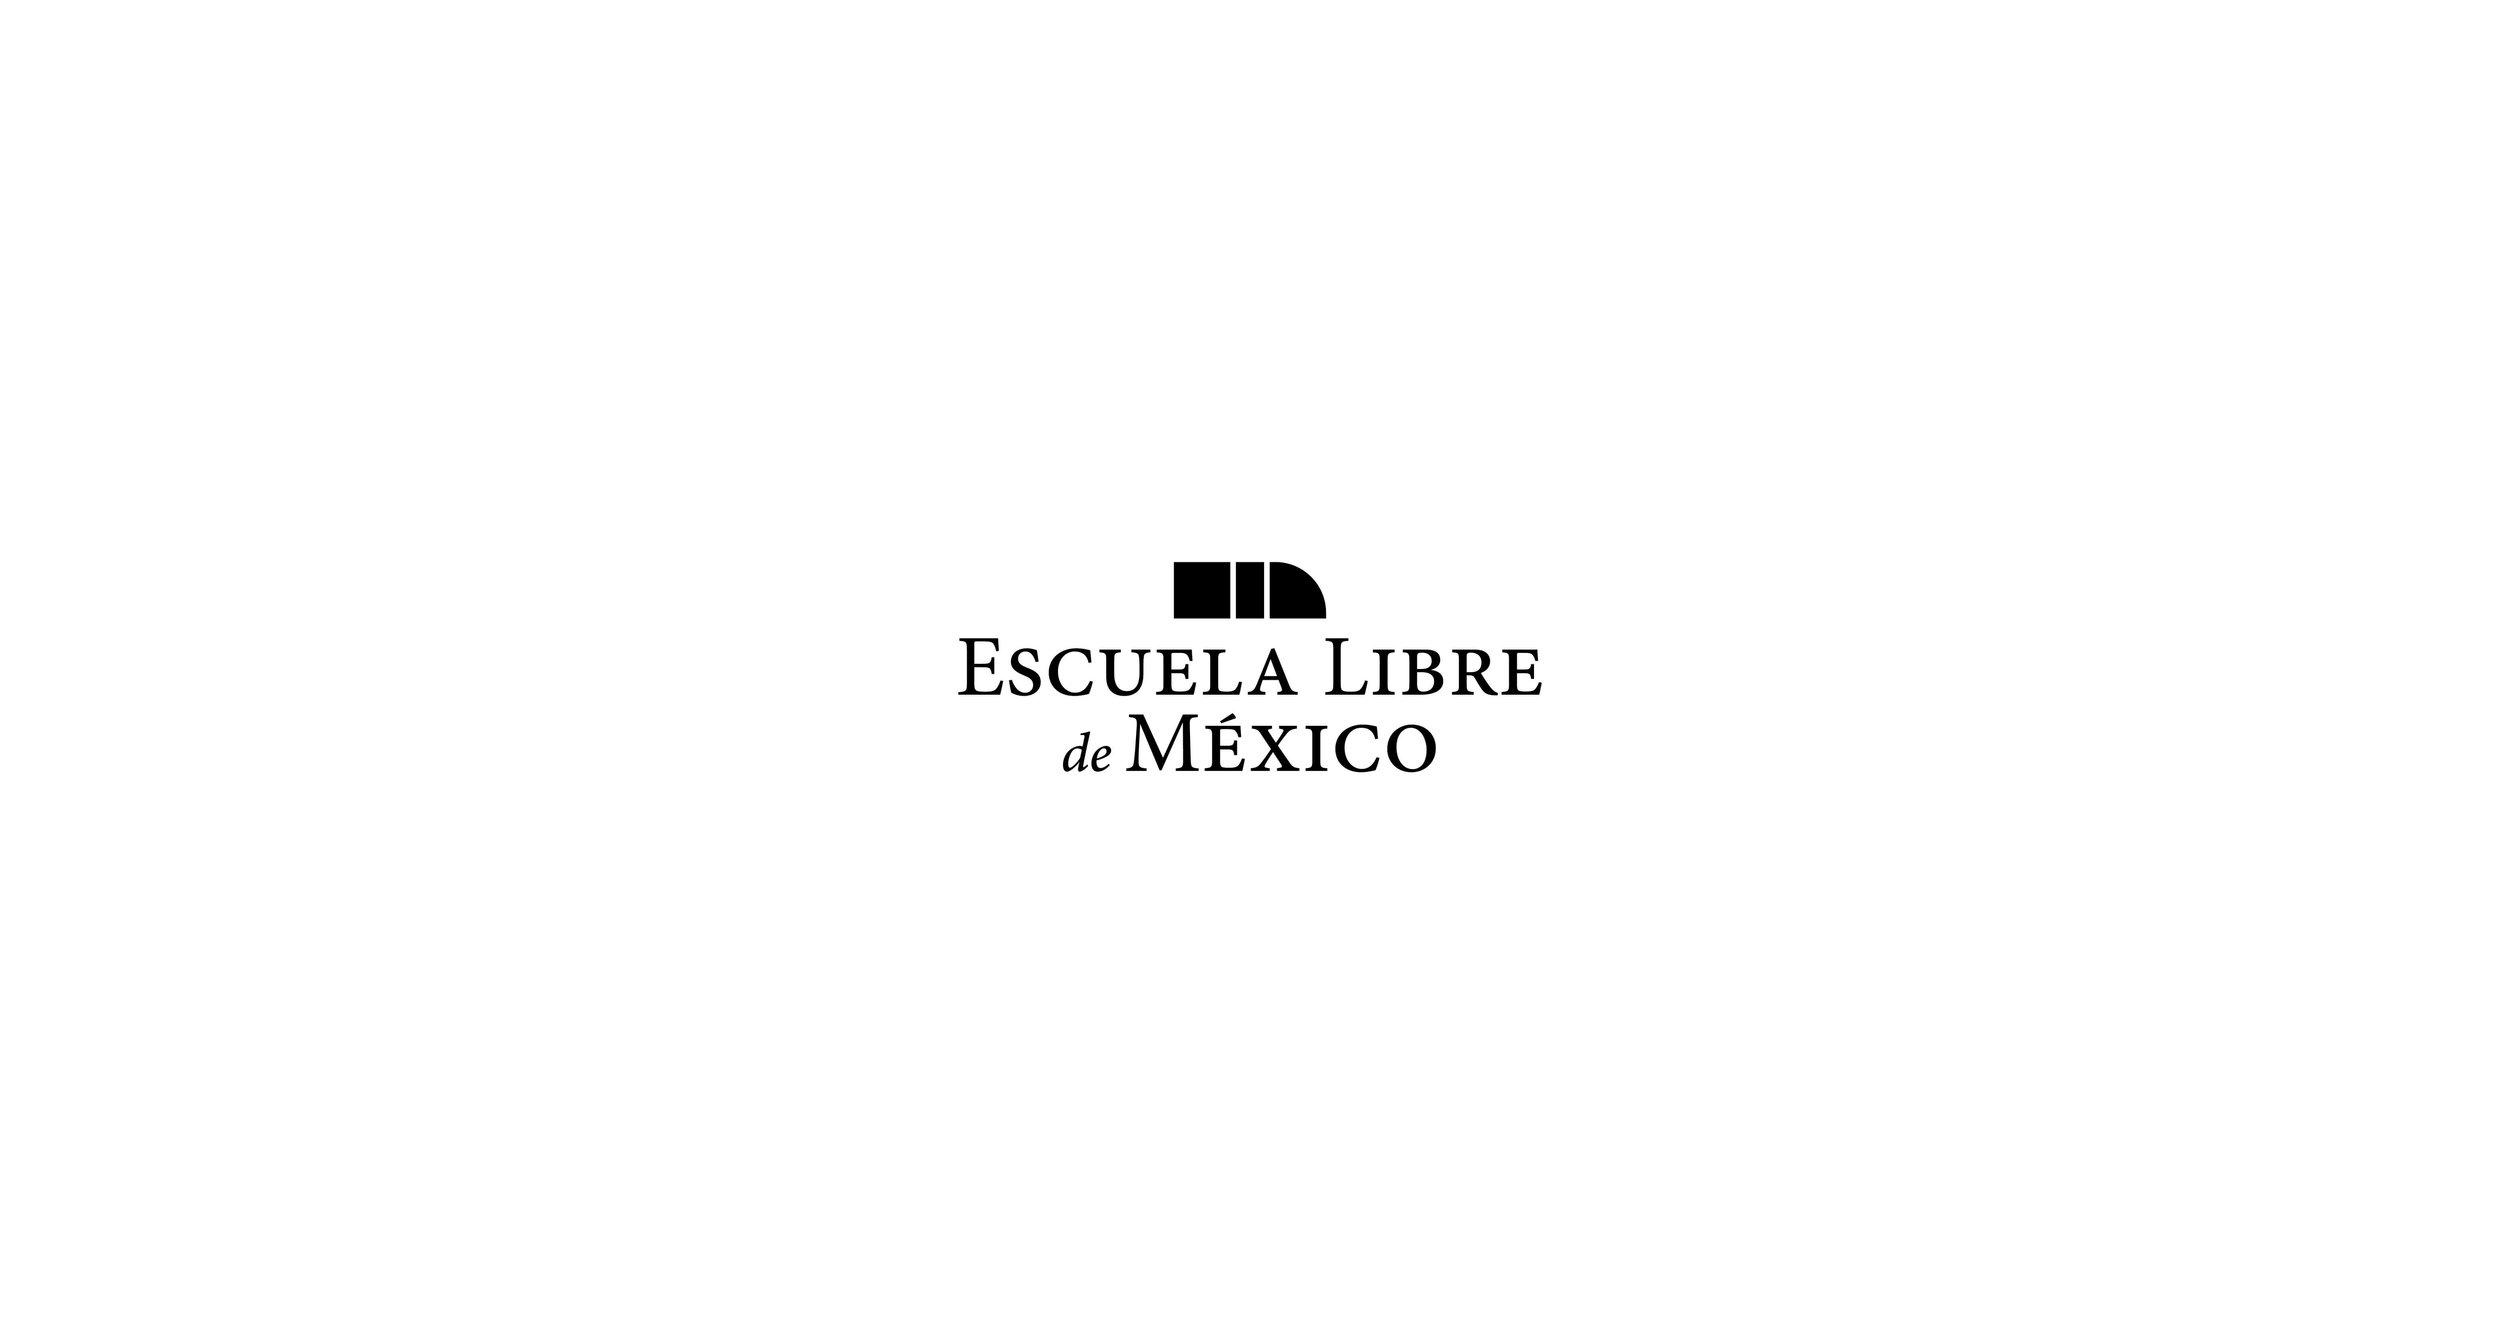 logo-design-branding-san-diego-vortic-01-escuela-libre-de-mexico